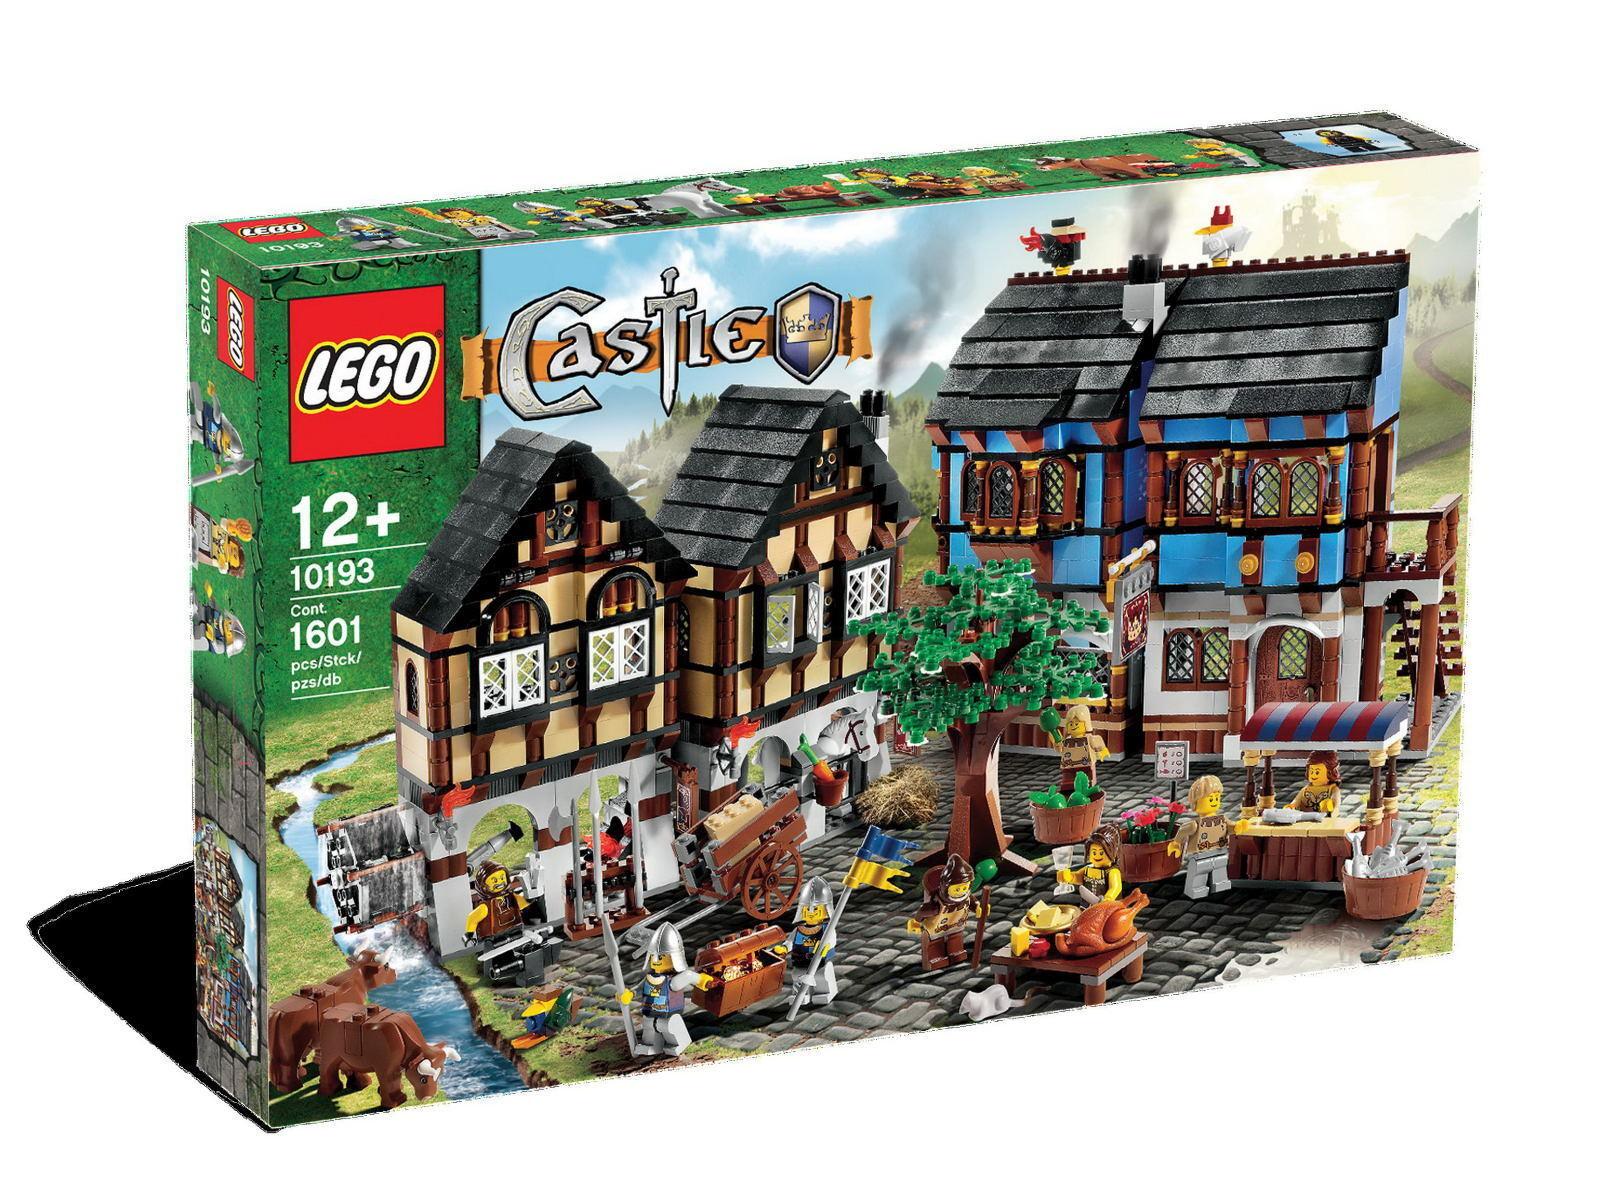 edizione limitata LEGO Castle  Medieval Medieval Medieval Market Village  10193 - retirosso   nuovo, HTF   promozioni di sconto